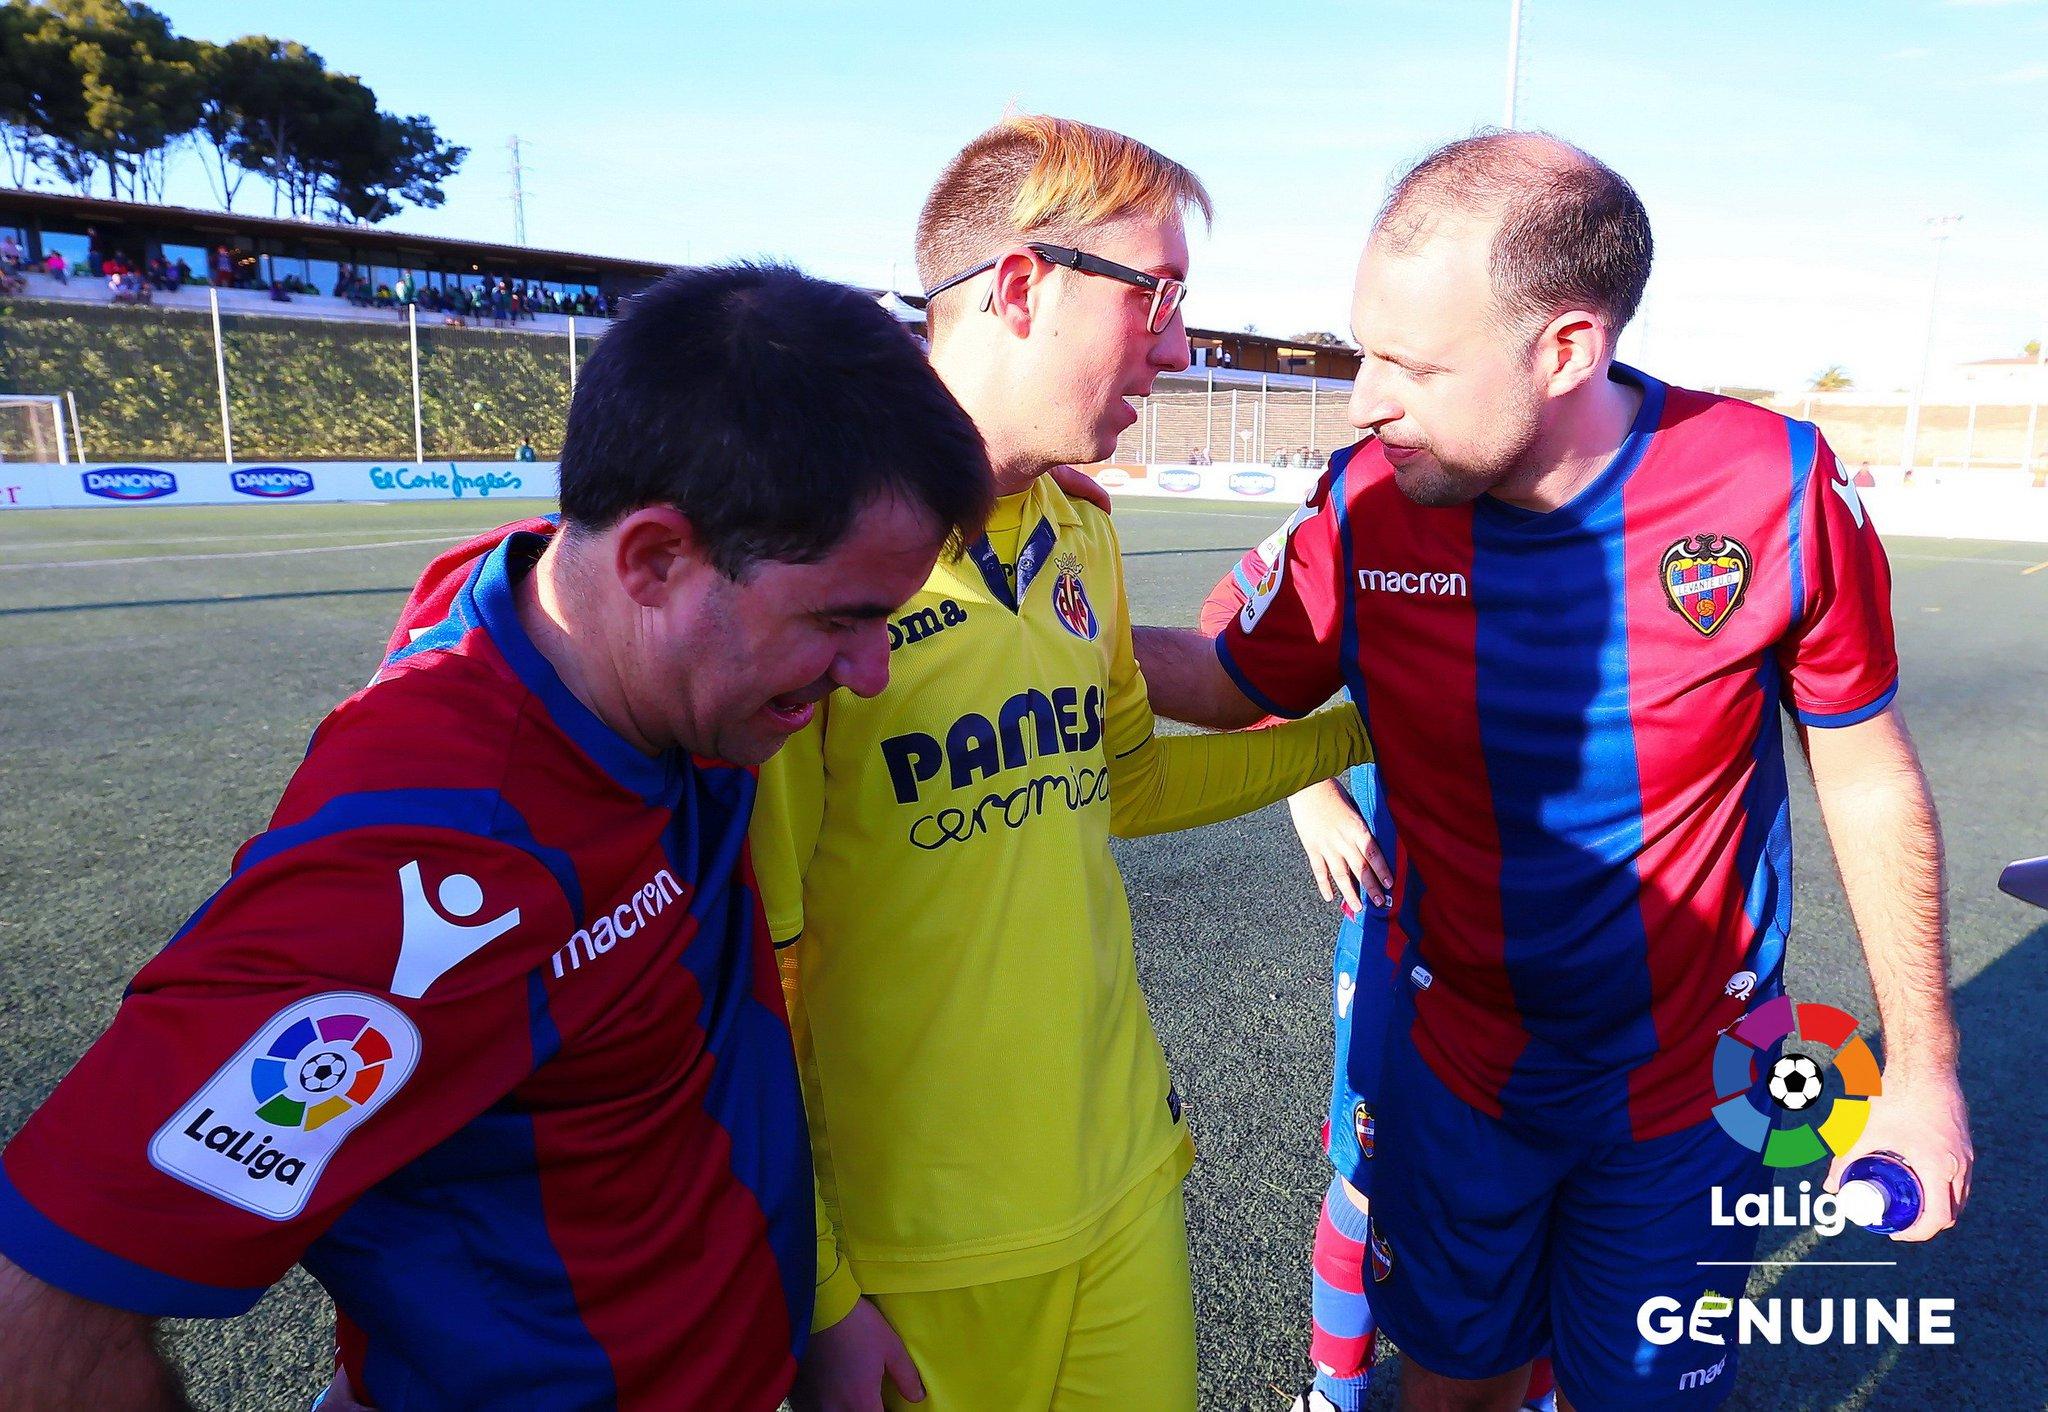 Porque sin #fairplay no se entiende el fútbol en #LaLigaGenuine... ��  �� @LevanteUD ⚽ @VillarrealCF �� https://t.co/X5oY6d6PgX